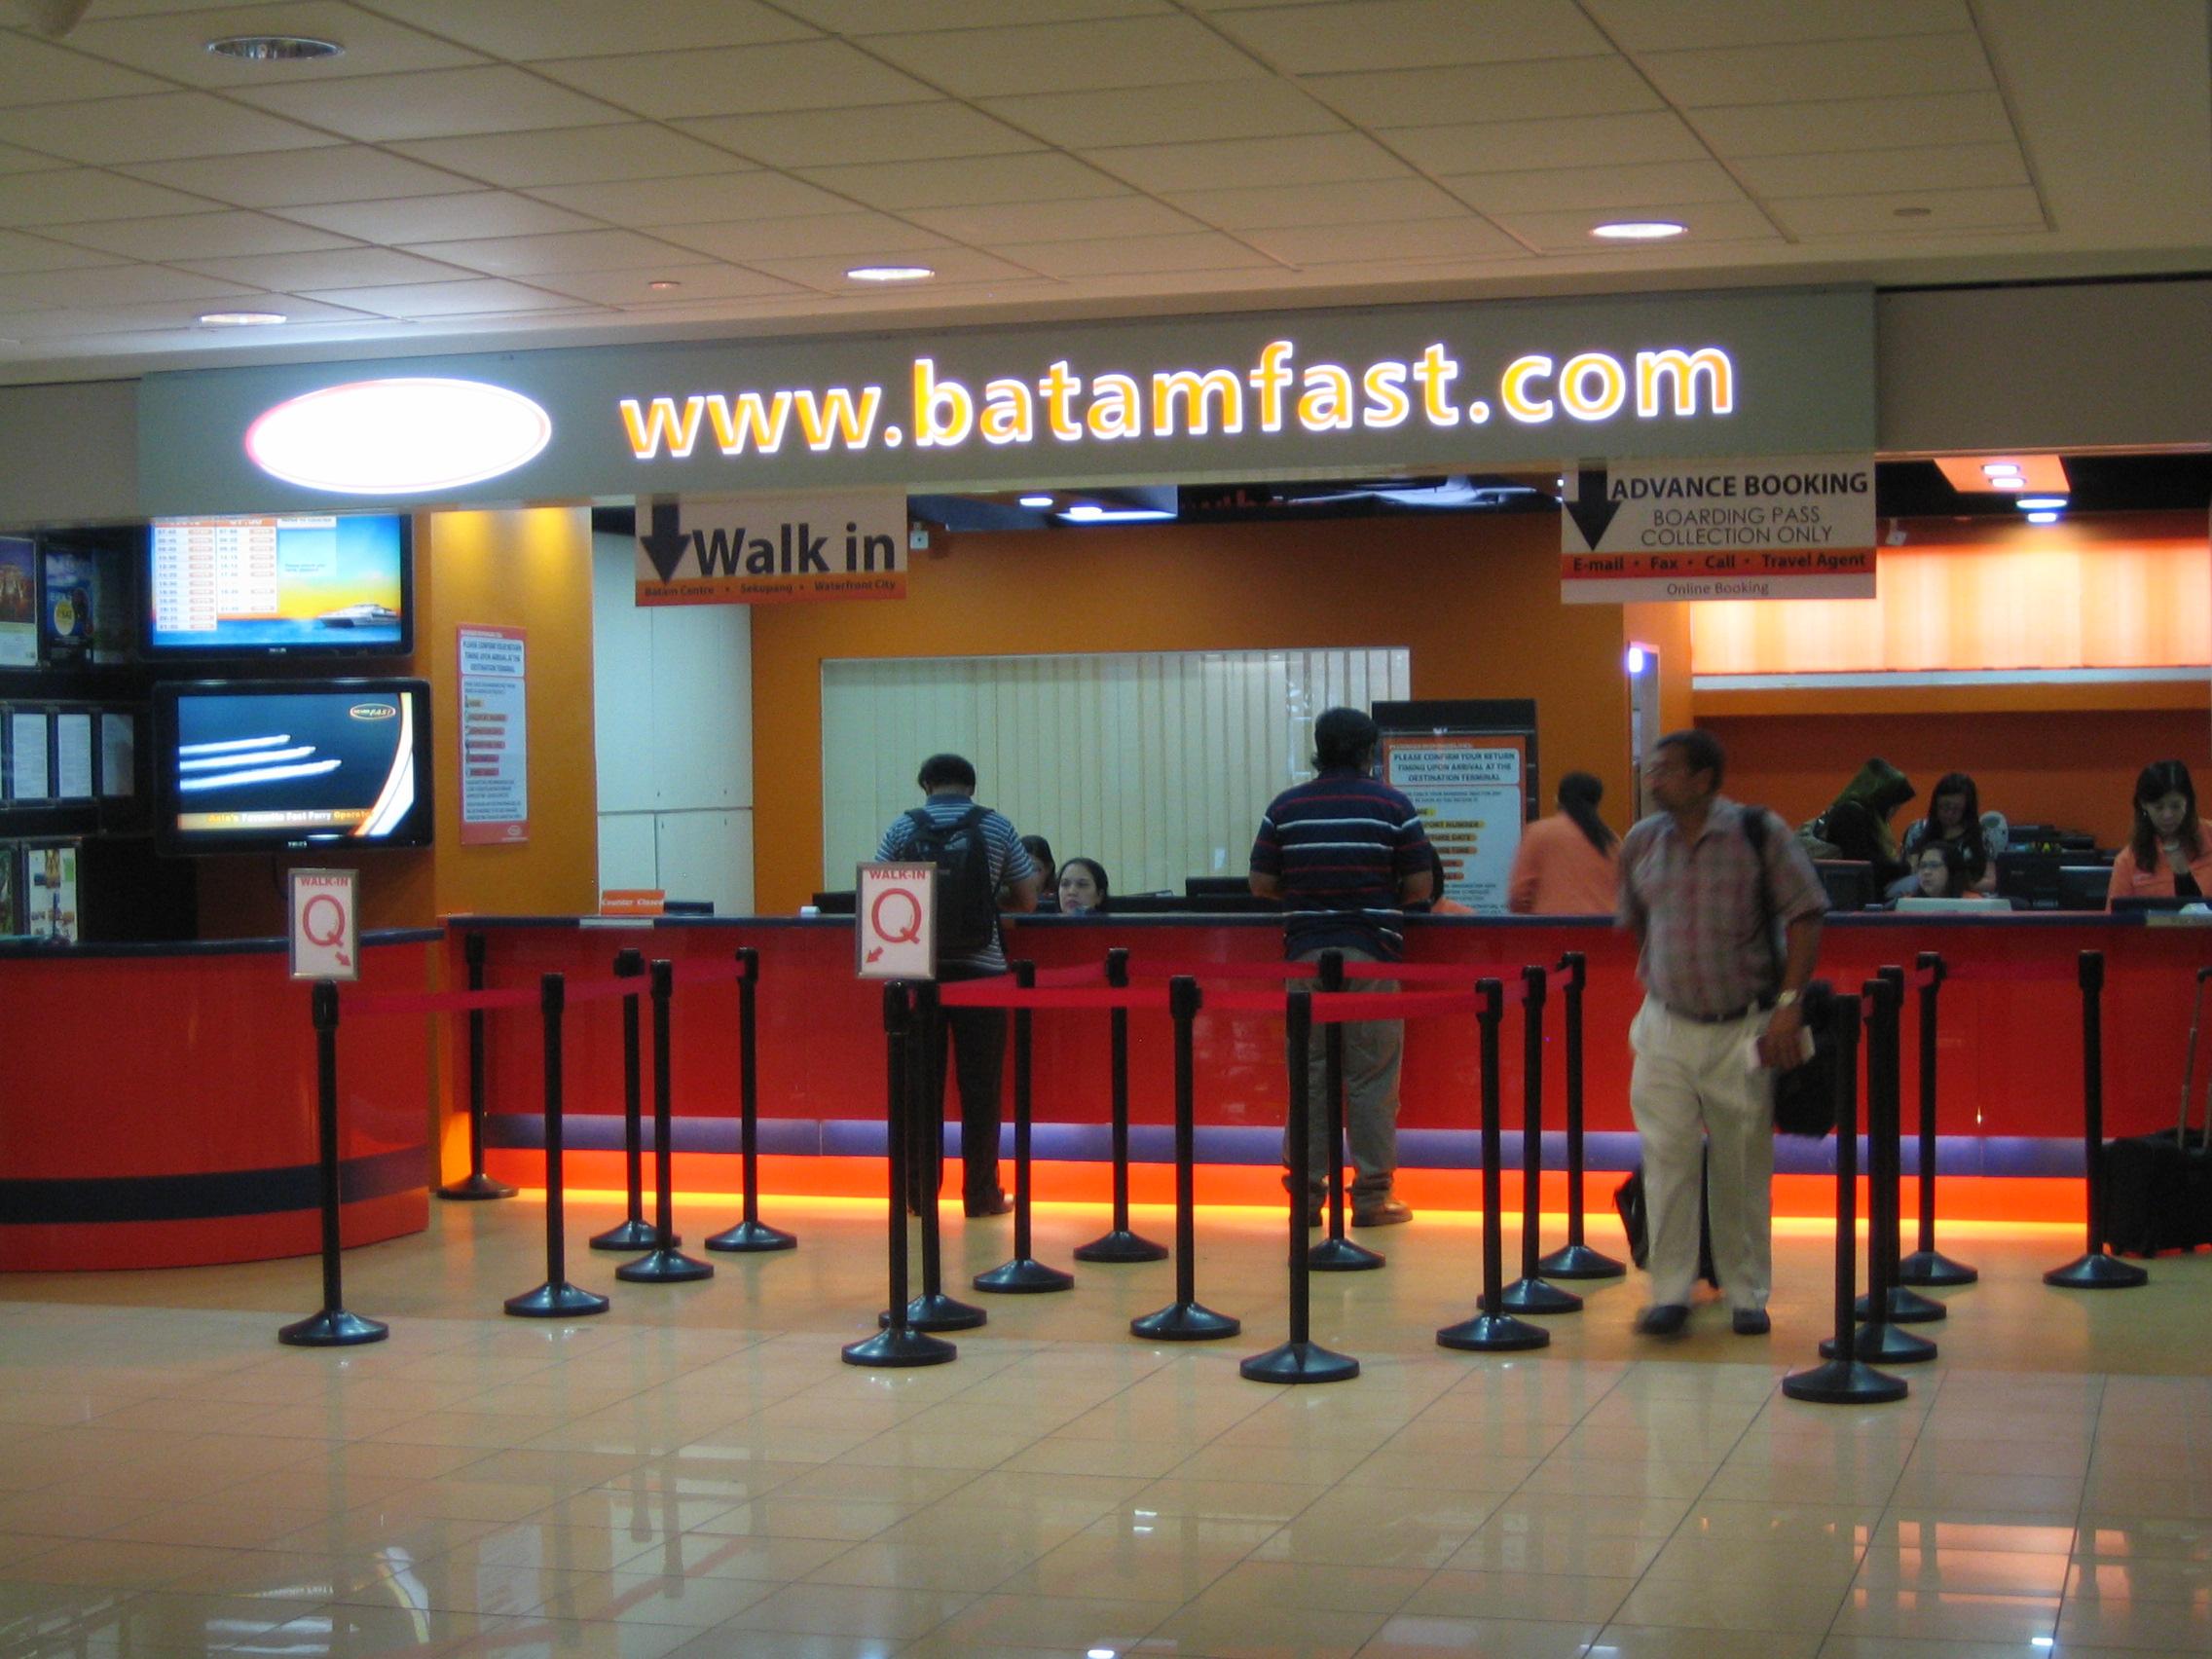 ハーバーフロントセンター2F(#02-50, 1 Maritime Square)出発ターミナルにある「BATAM FAST」にてチェックイン手続き